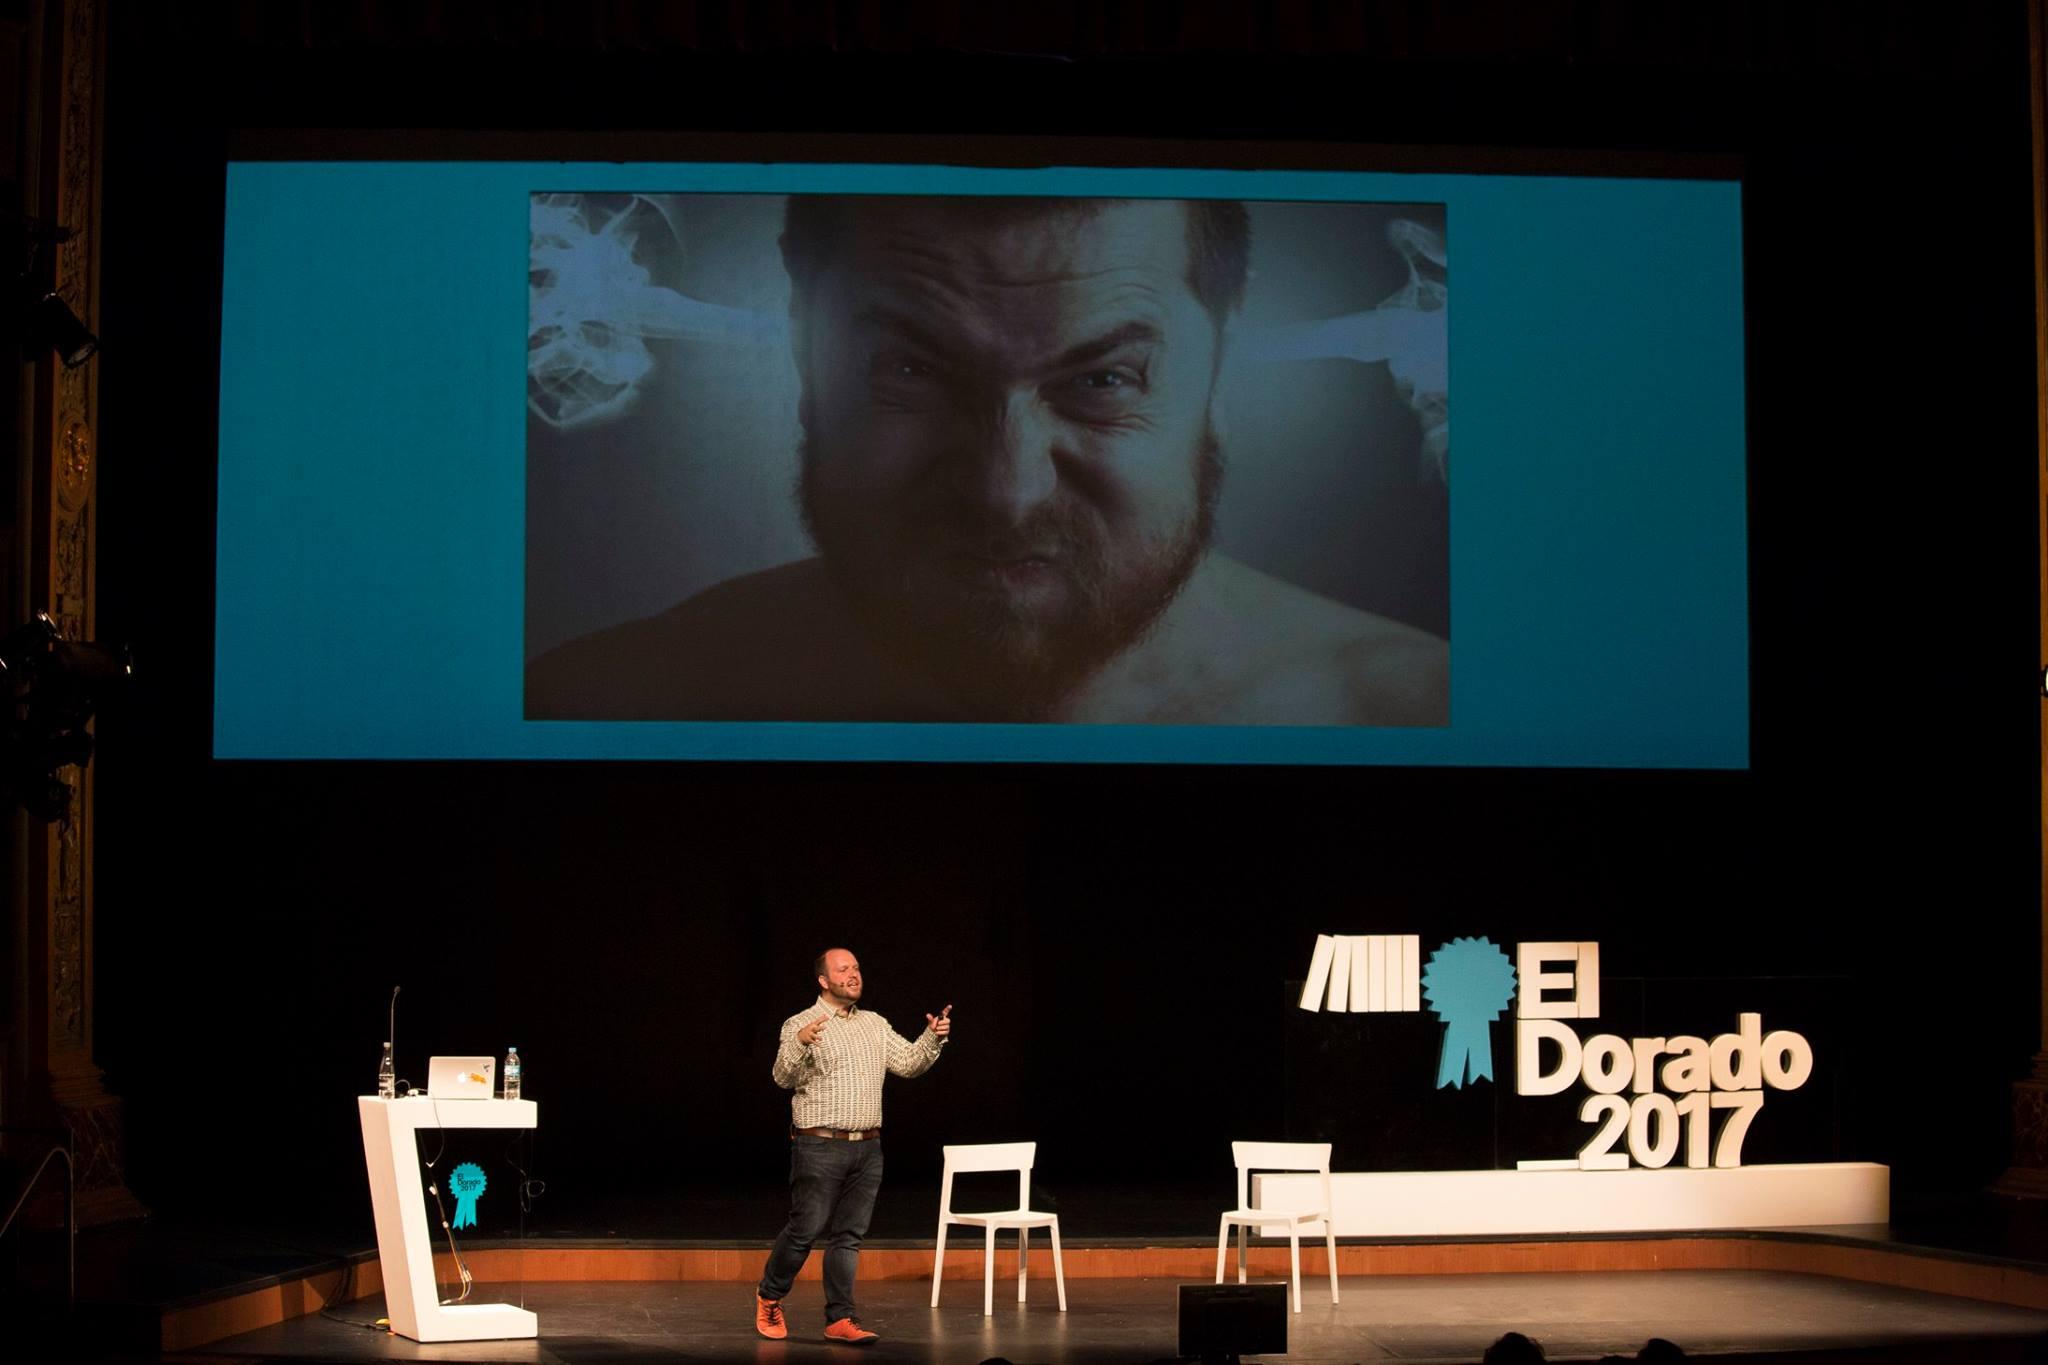 ElDorado, el festival que promueve el arte y la creatividad a nivel internacional